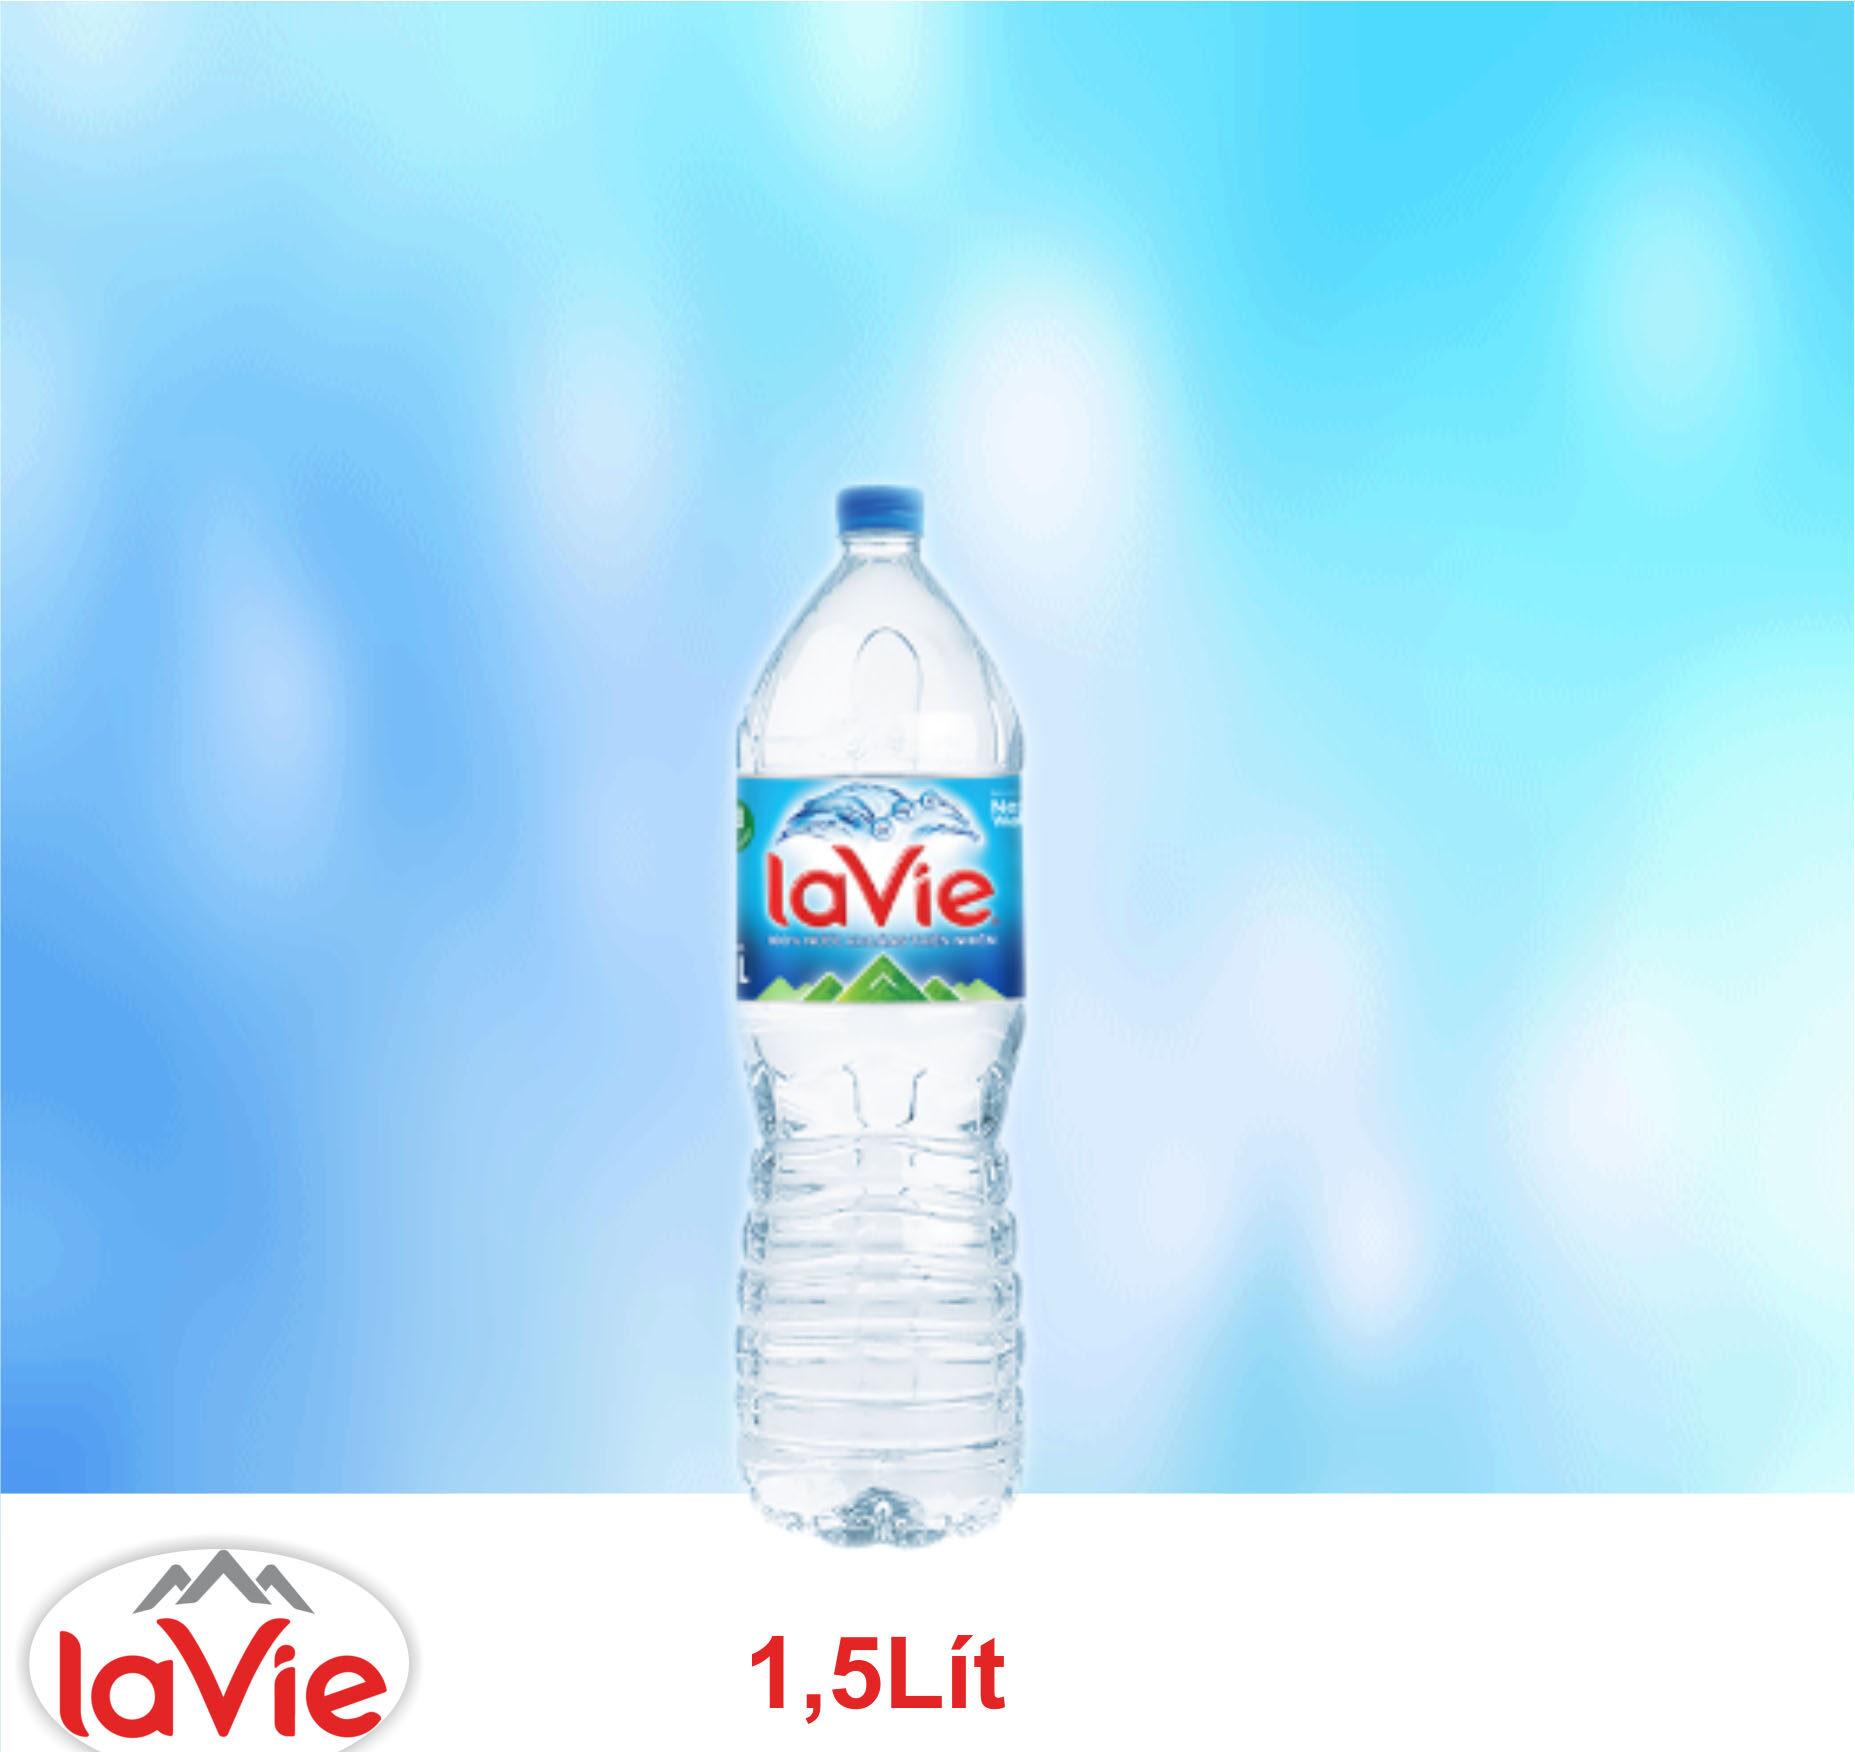 Nước suối LaVie 1.5 l, Thùng LaVie 1.5 l miễn phí giao nhanh tận nơi